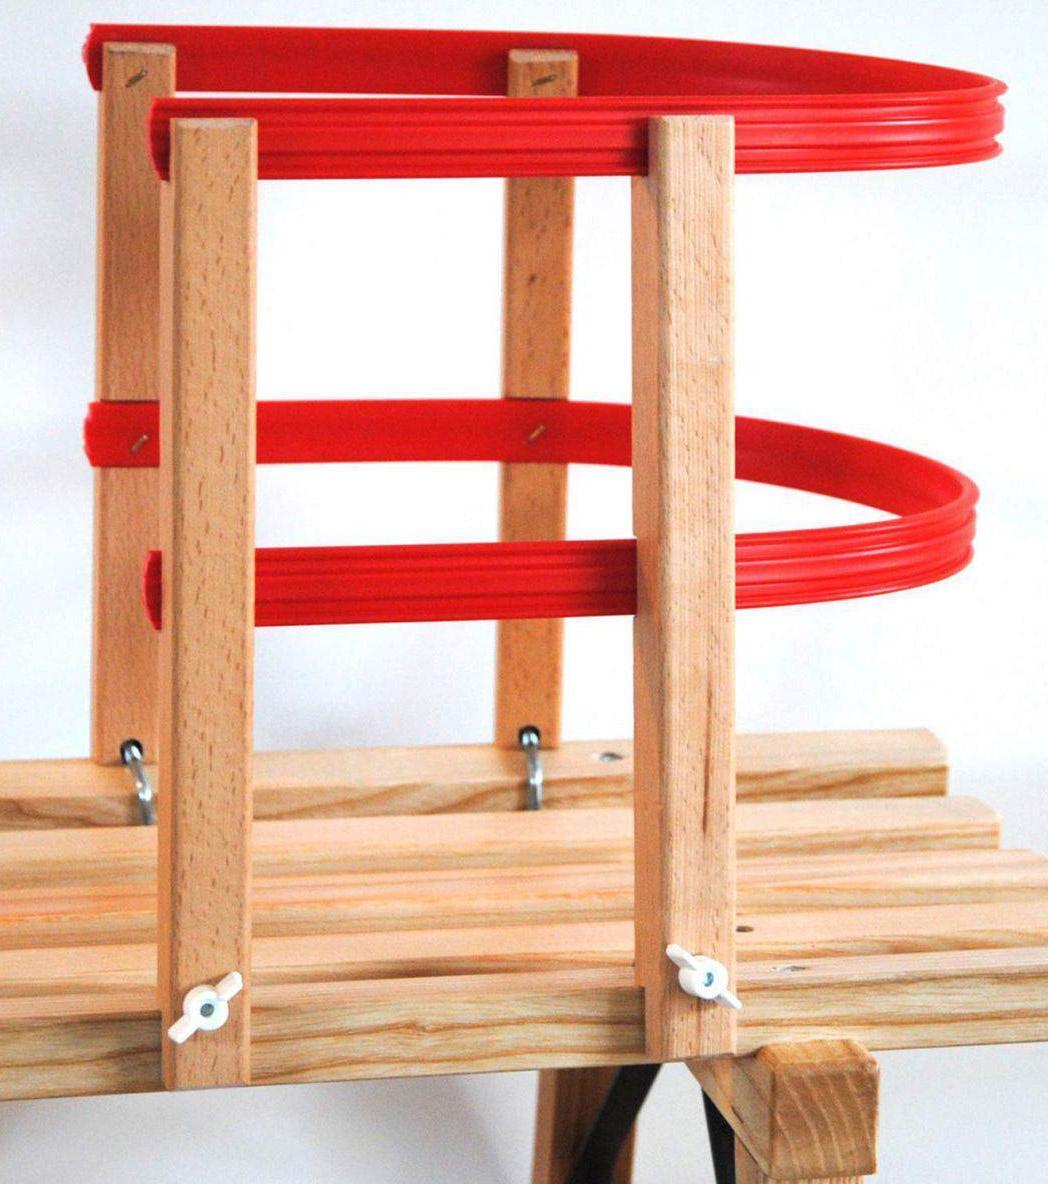 Fürschlitten - Sirch Kinderlehne Schlitten Holz Kunststoff (Farbe buche esche kunststoff) - Onlineshop